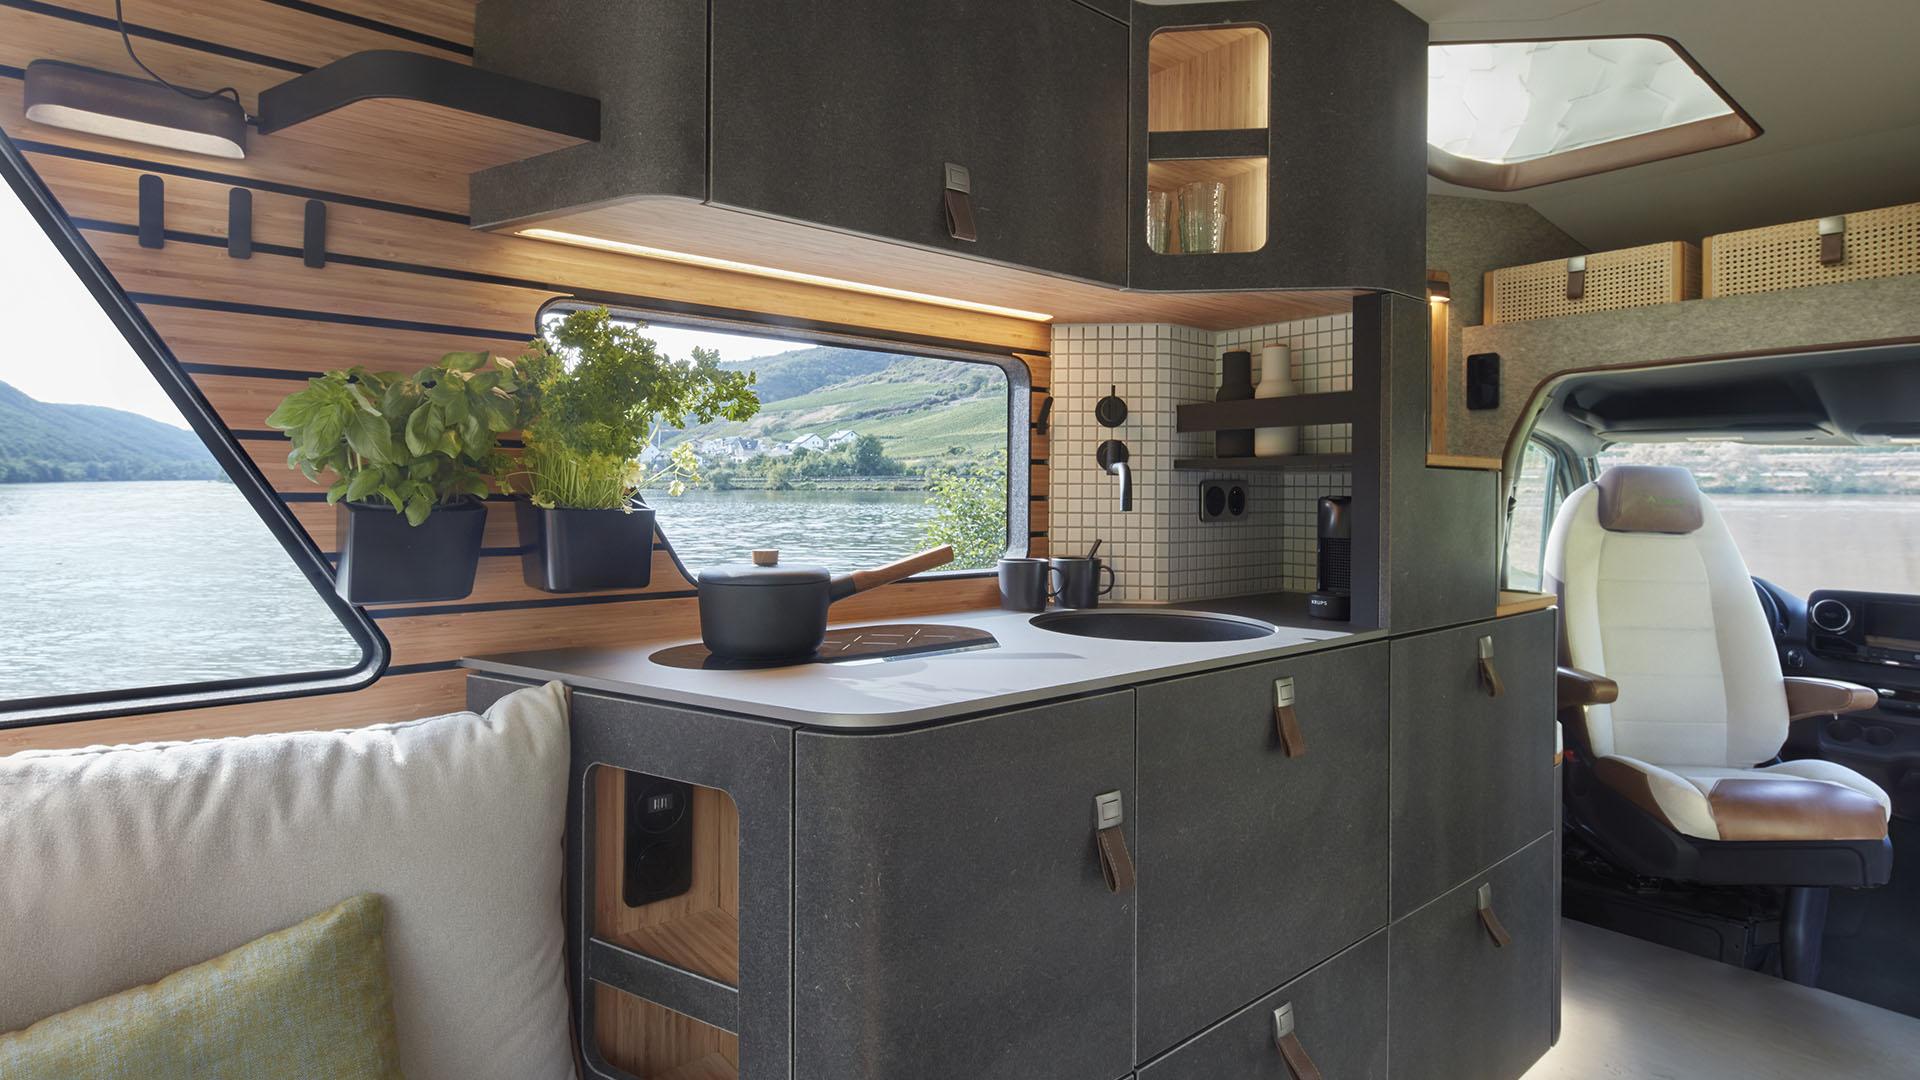 Hymer VisionVenture campervan kitchen